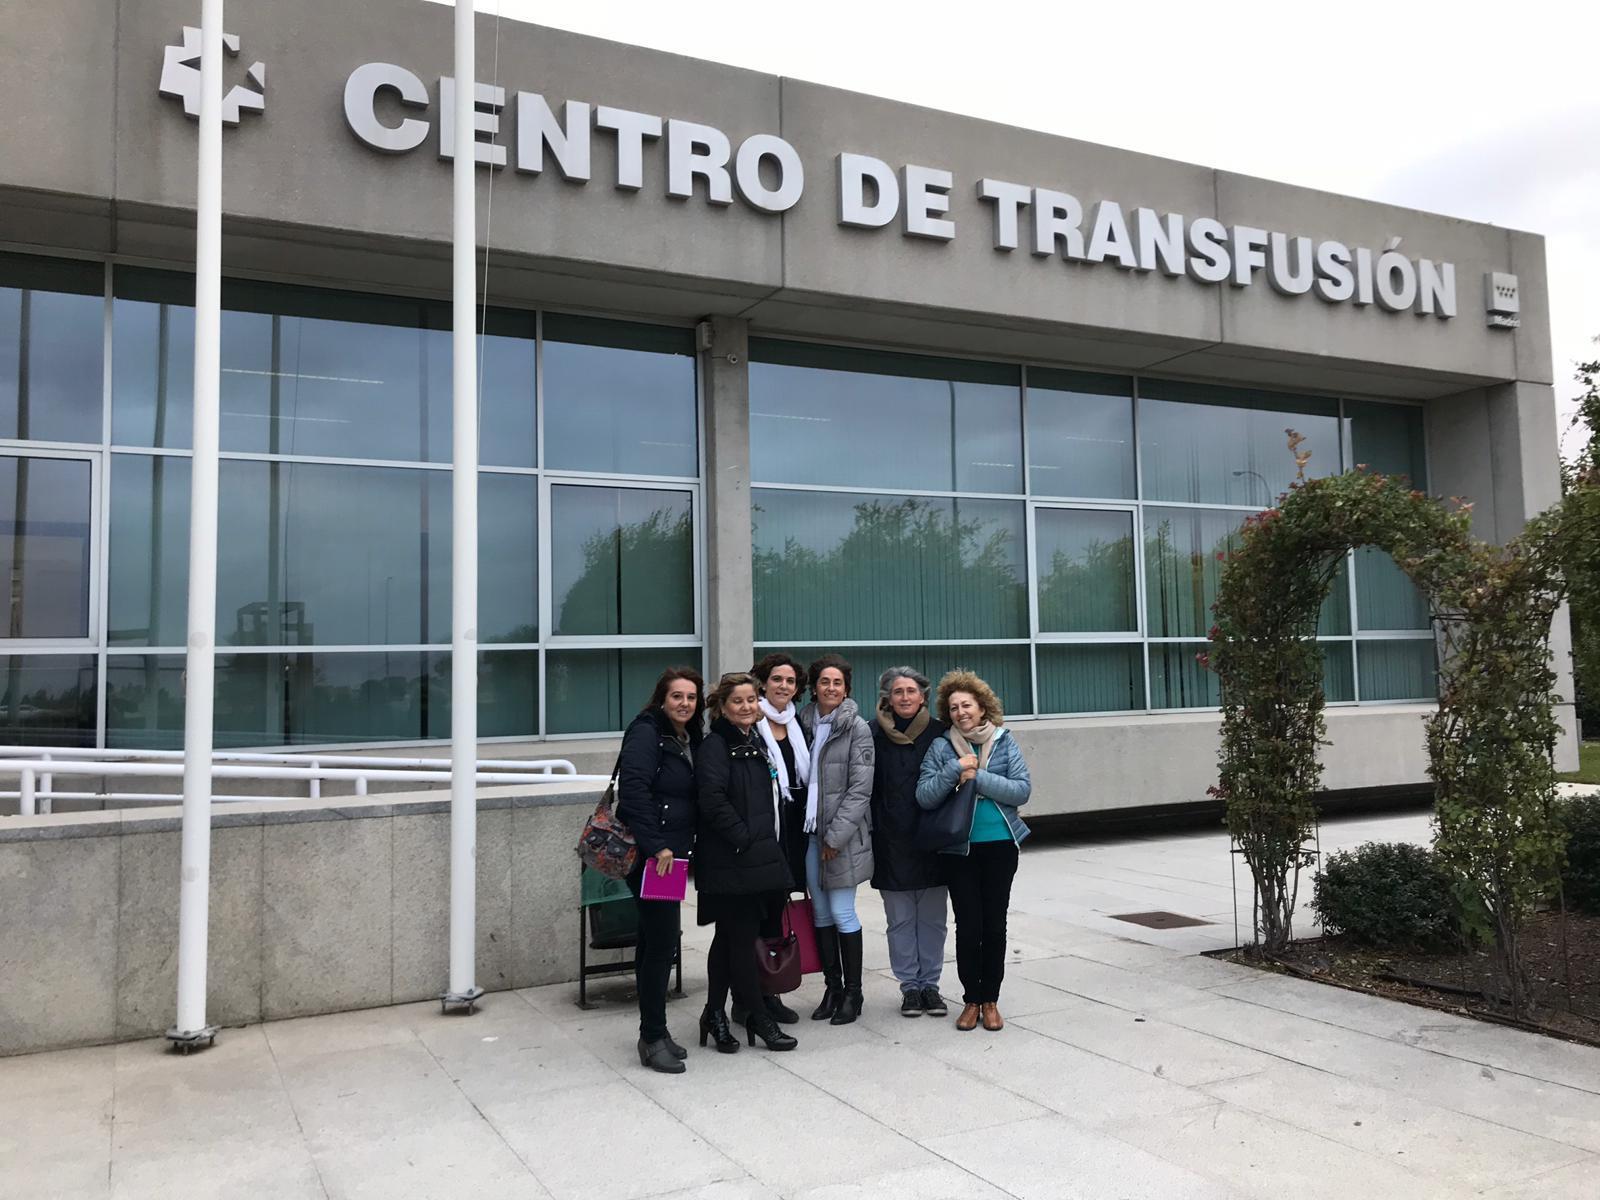 VISITA CENTRO DE TRANSFUSIÓN DE SANGRE 2